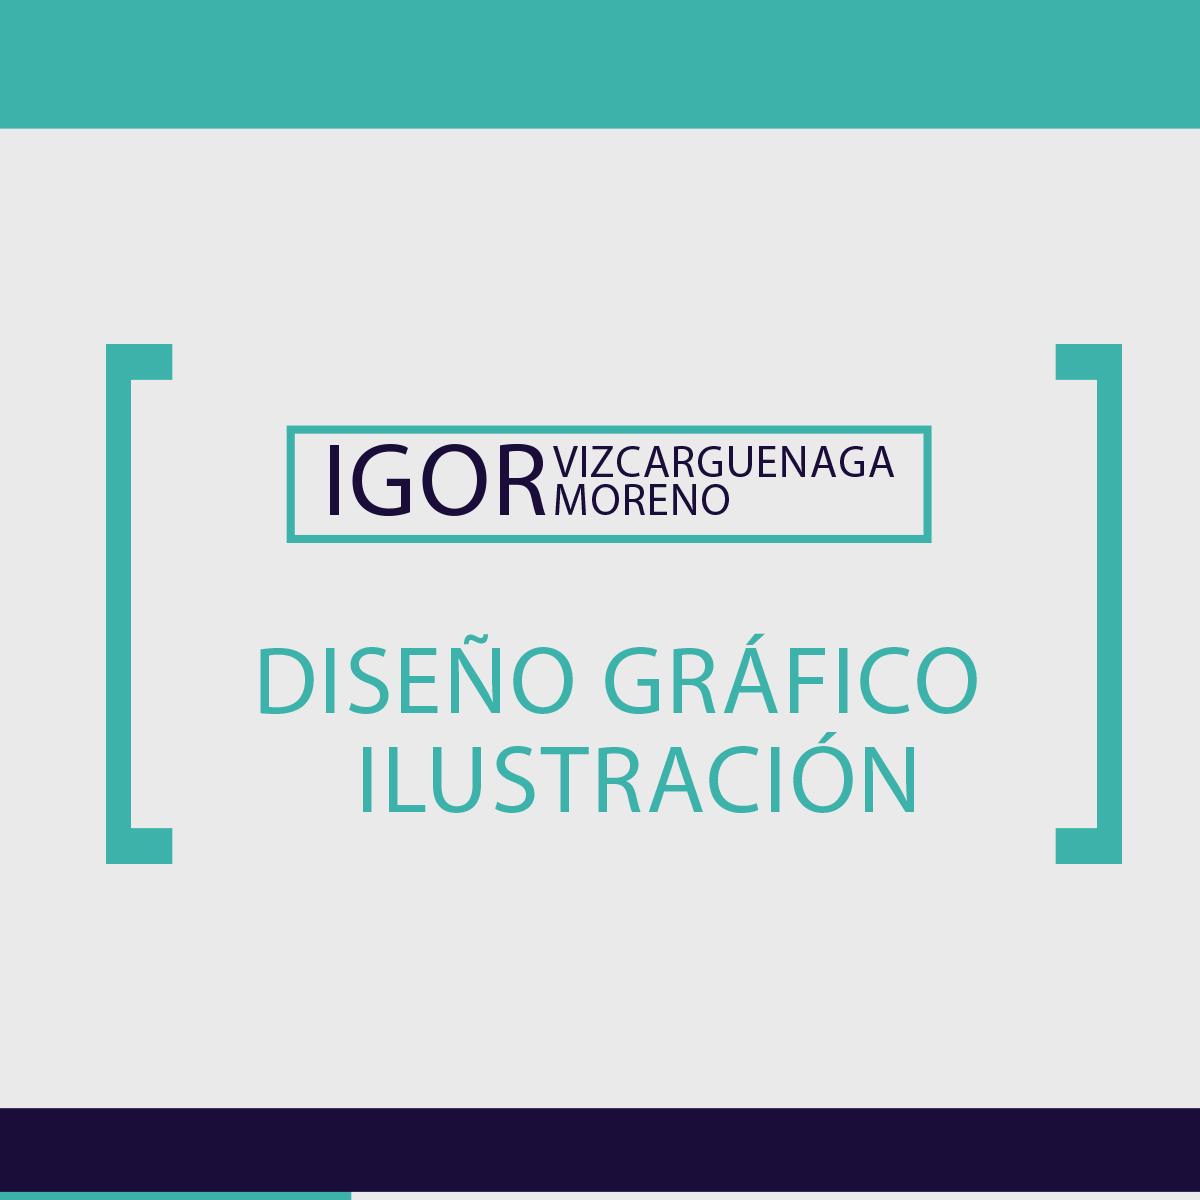 Portafolio dise o gr fico ilustraci n domestika for Portafolio de diseno grafico pdf